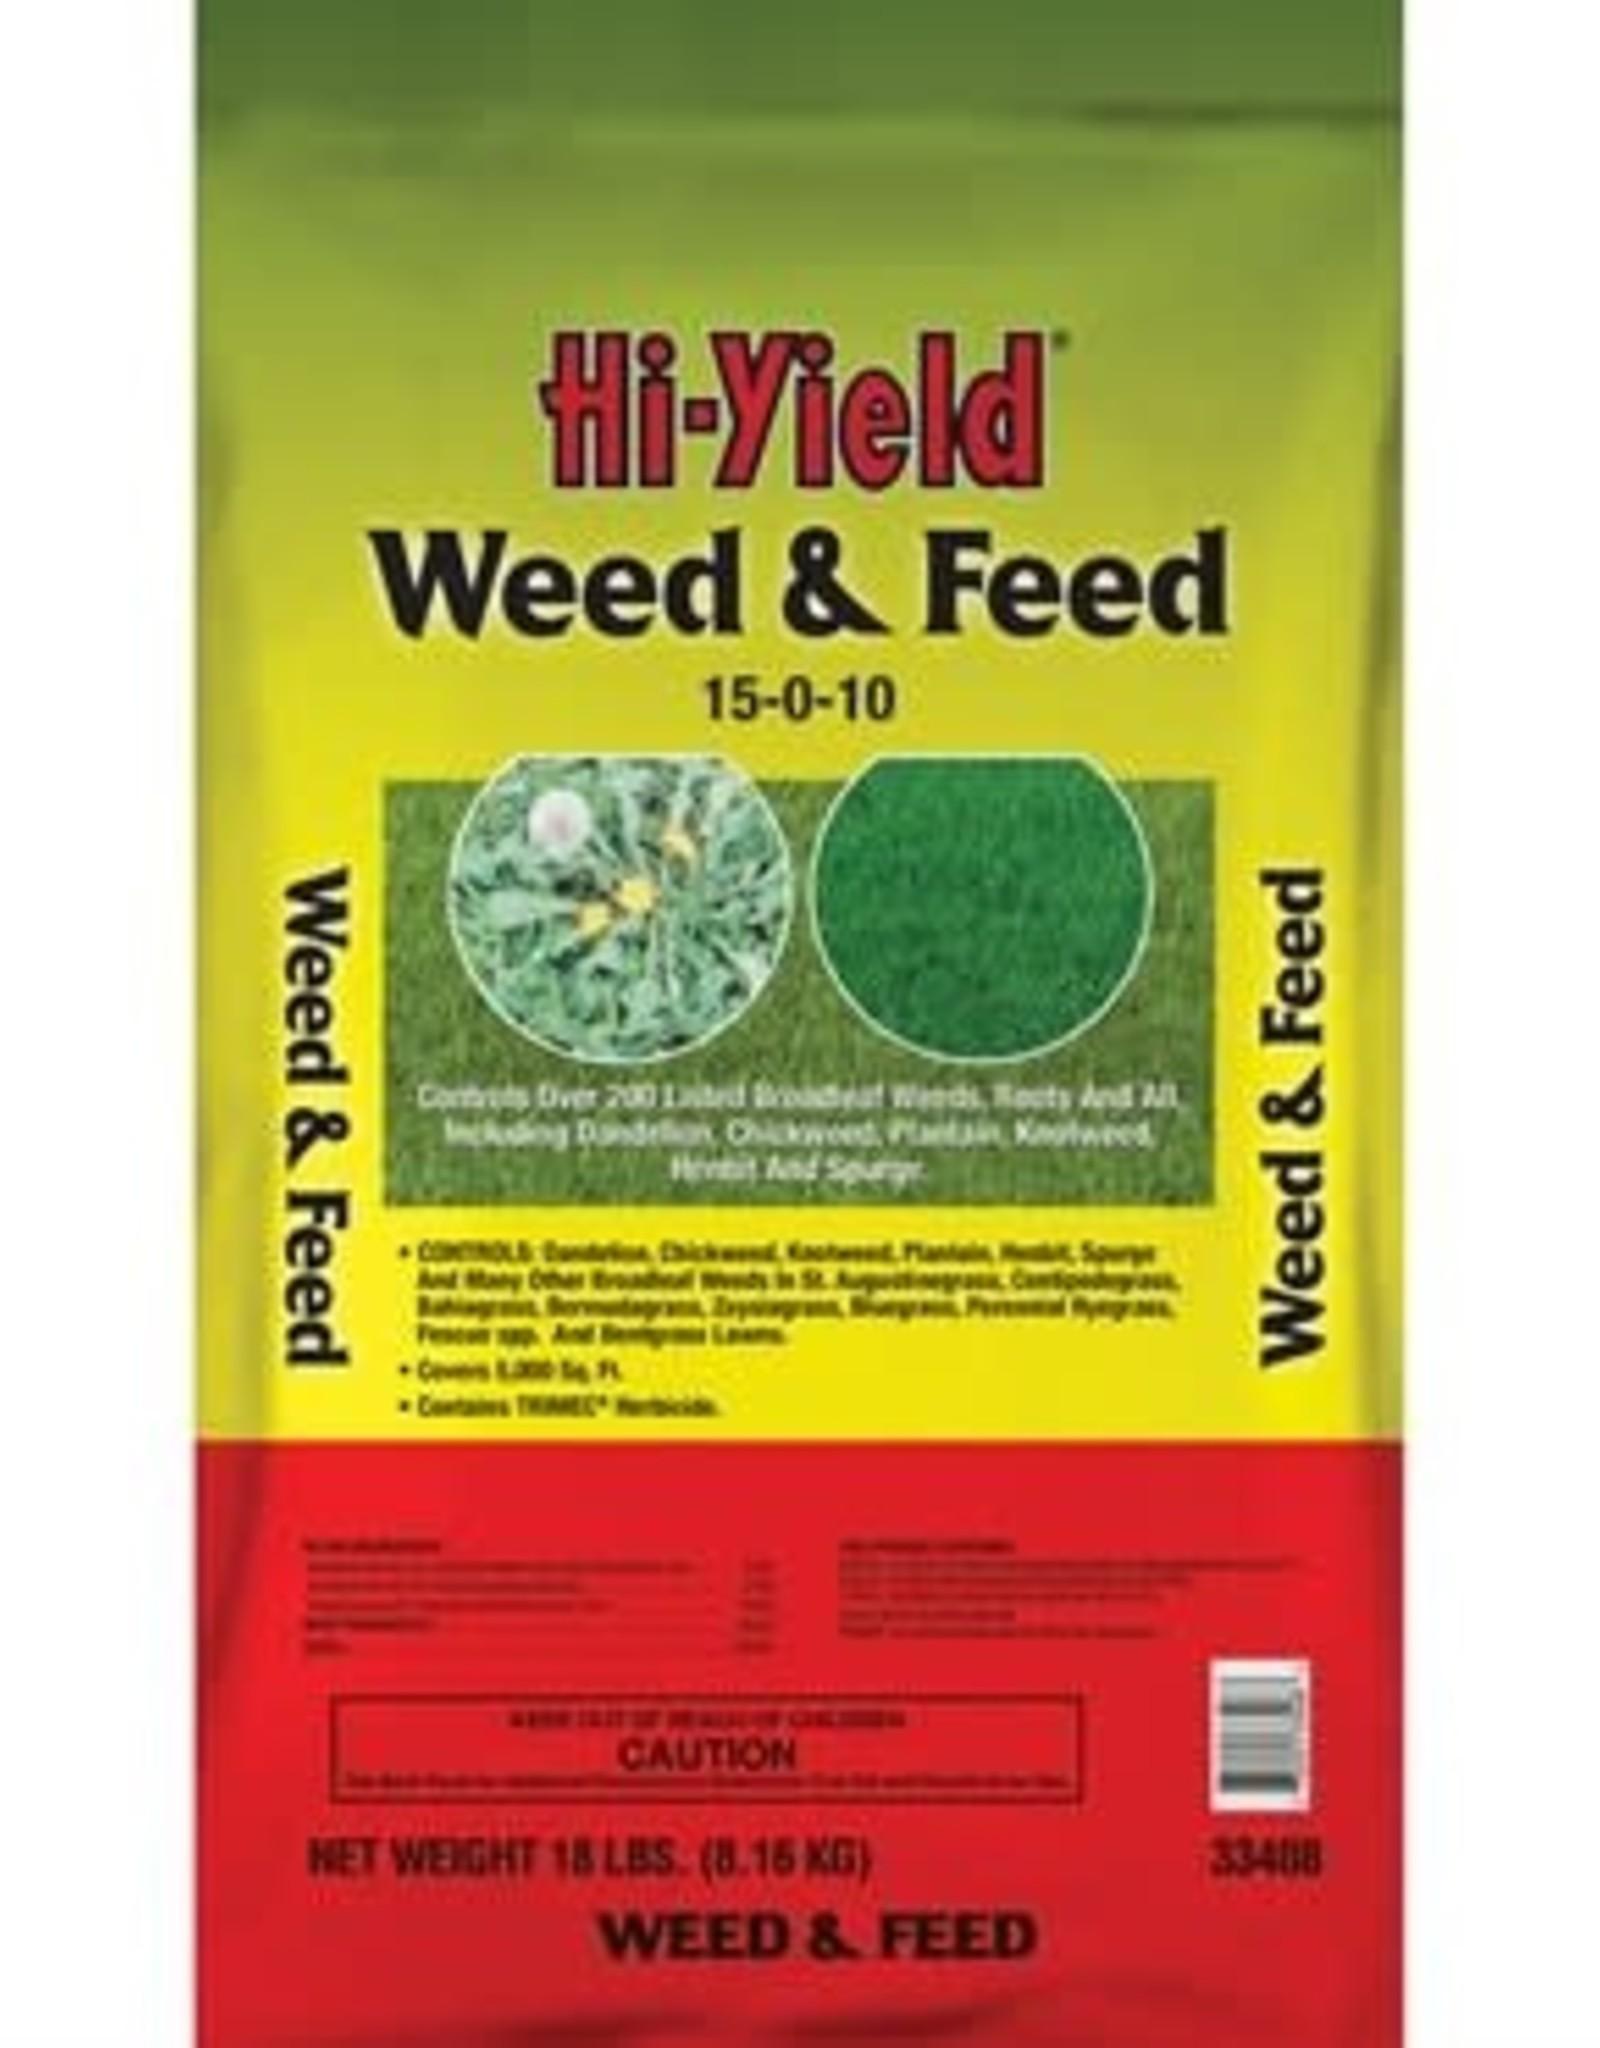 Hi-Yield Weed & Feed Fertilizer